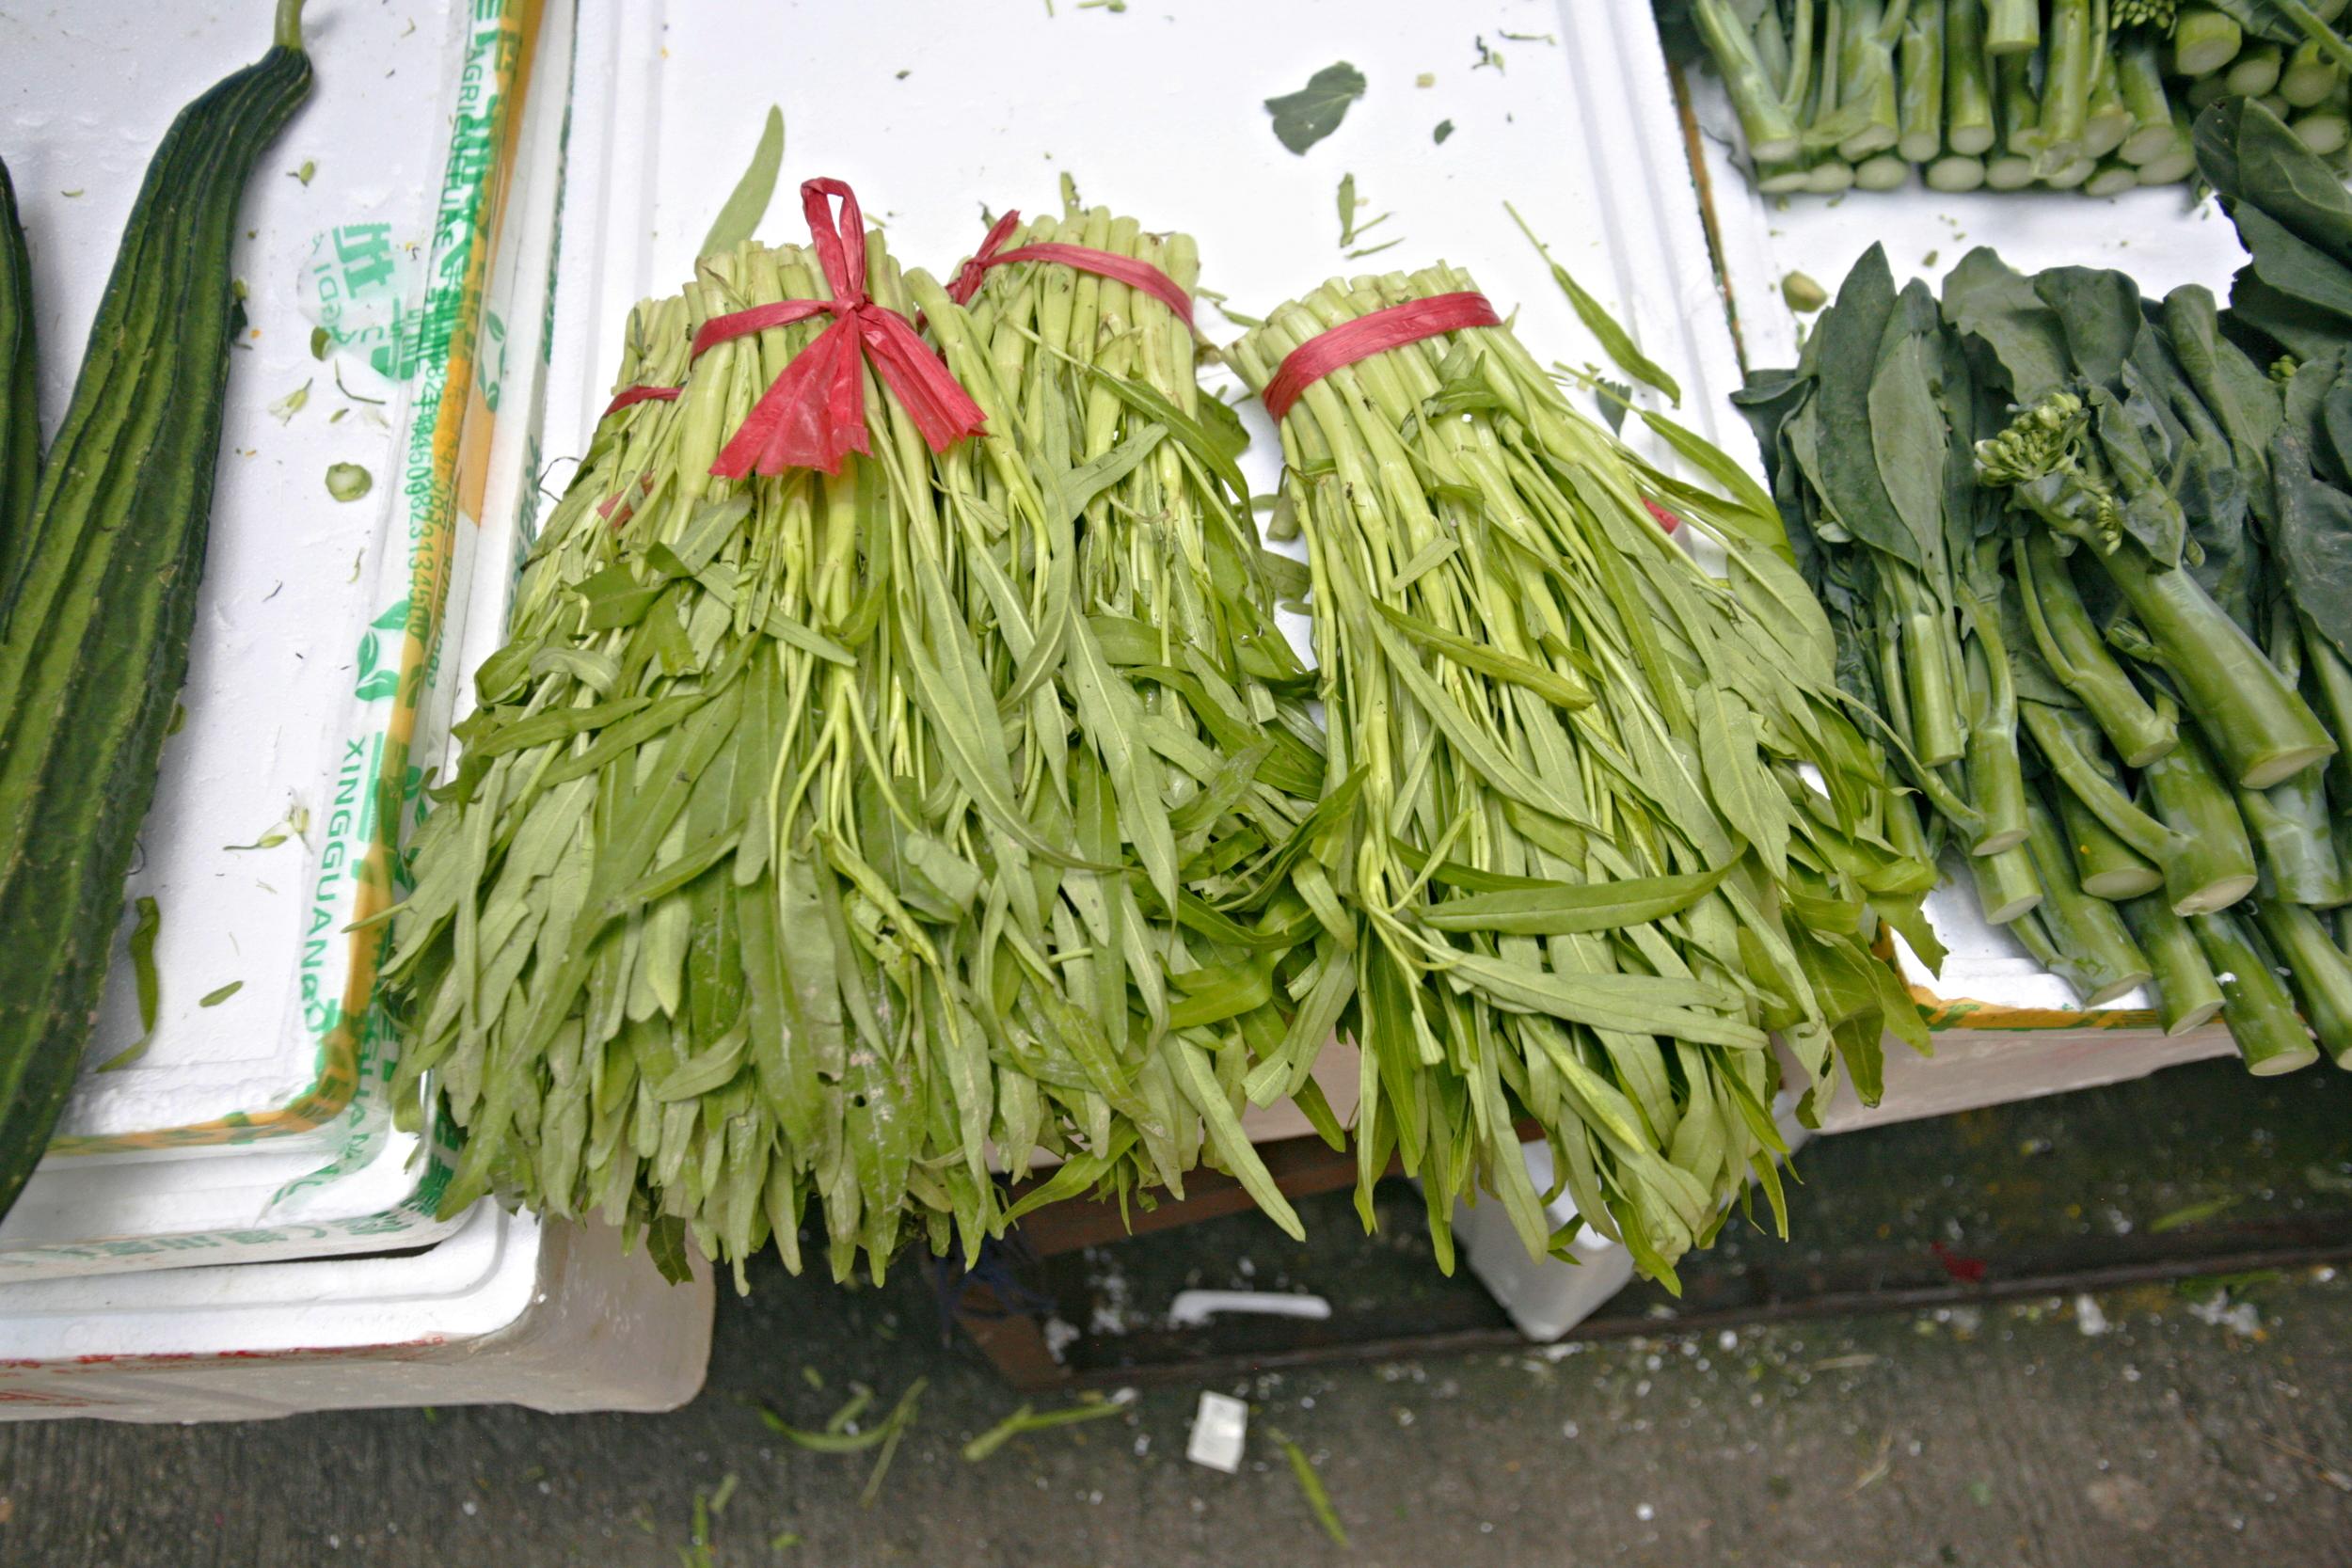 Fresh ong choy at the market